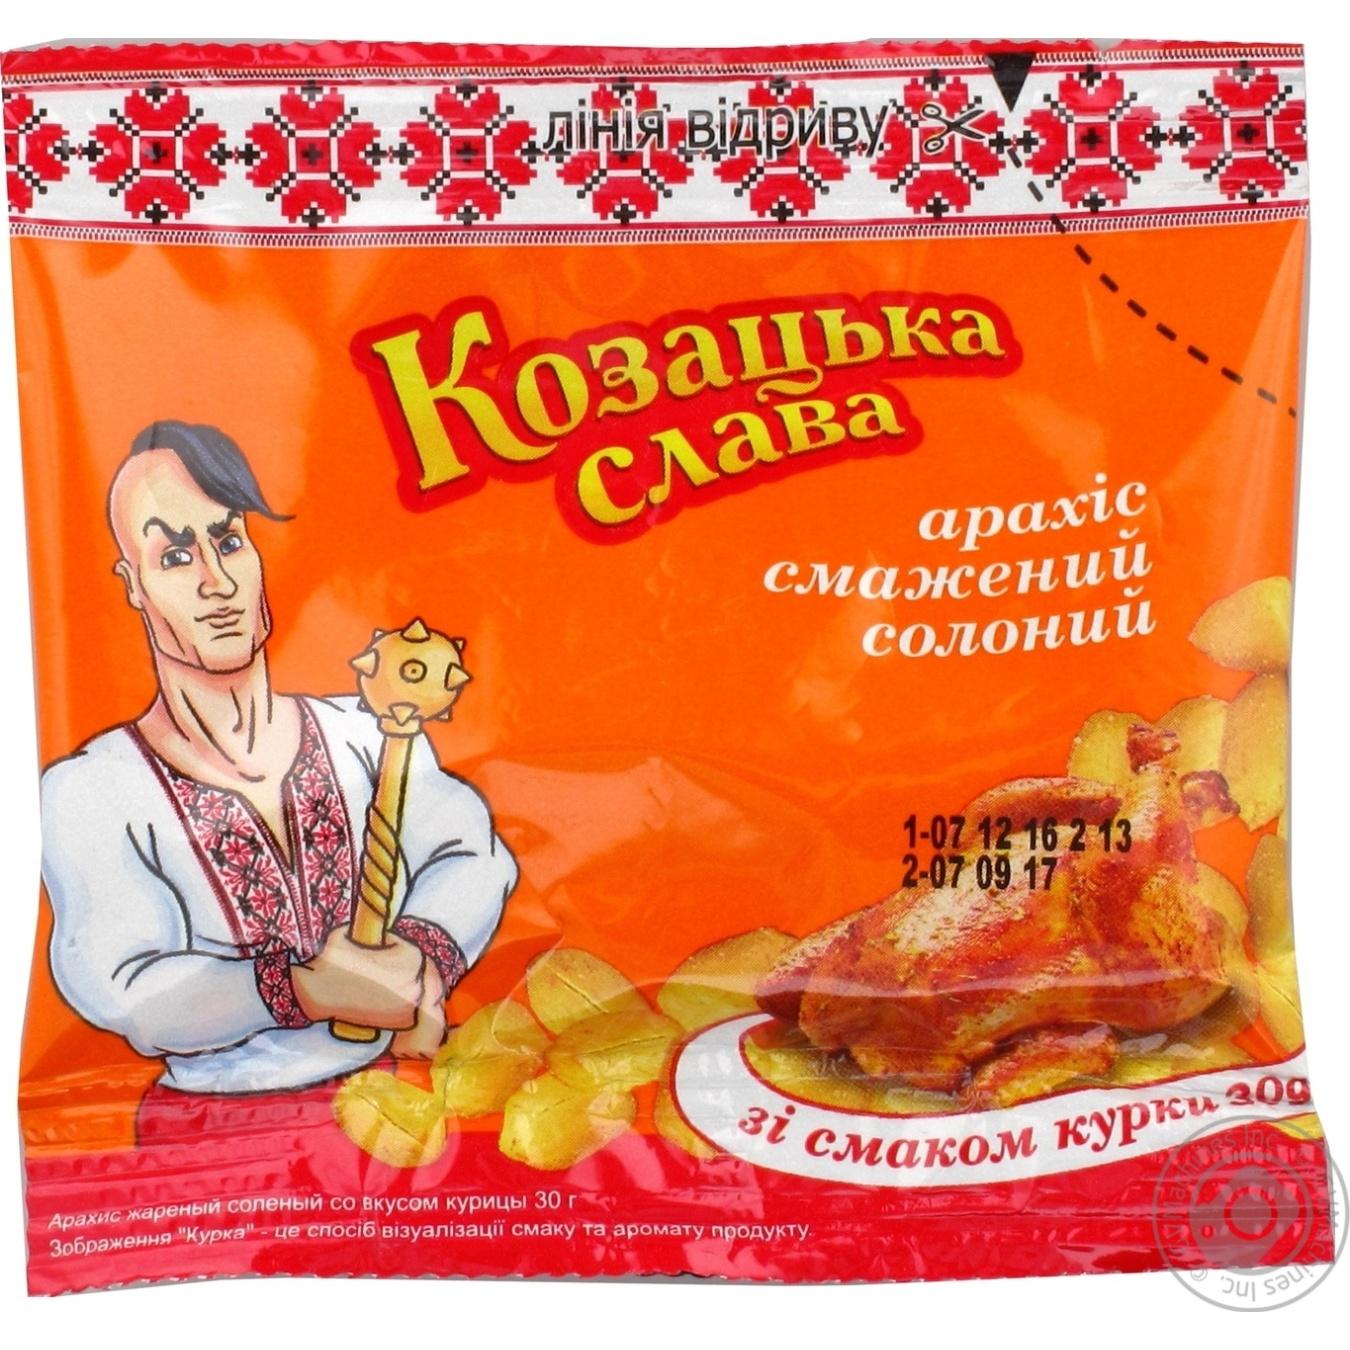 Арахис Козацкая слава соленый жареный со вкусом курицы 30г